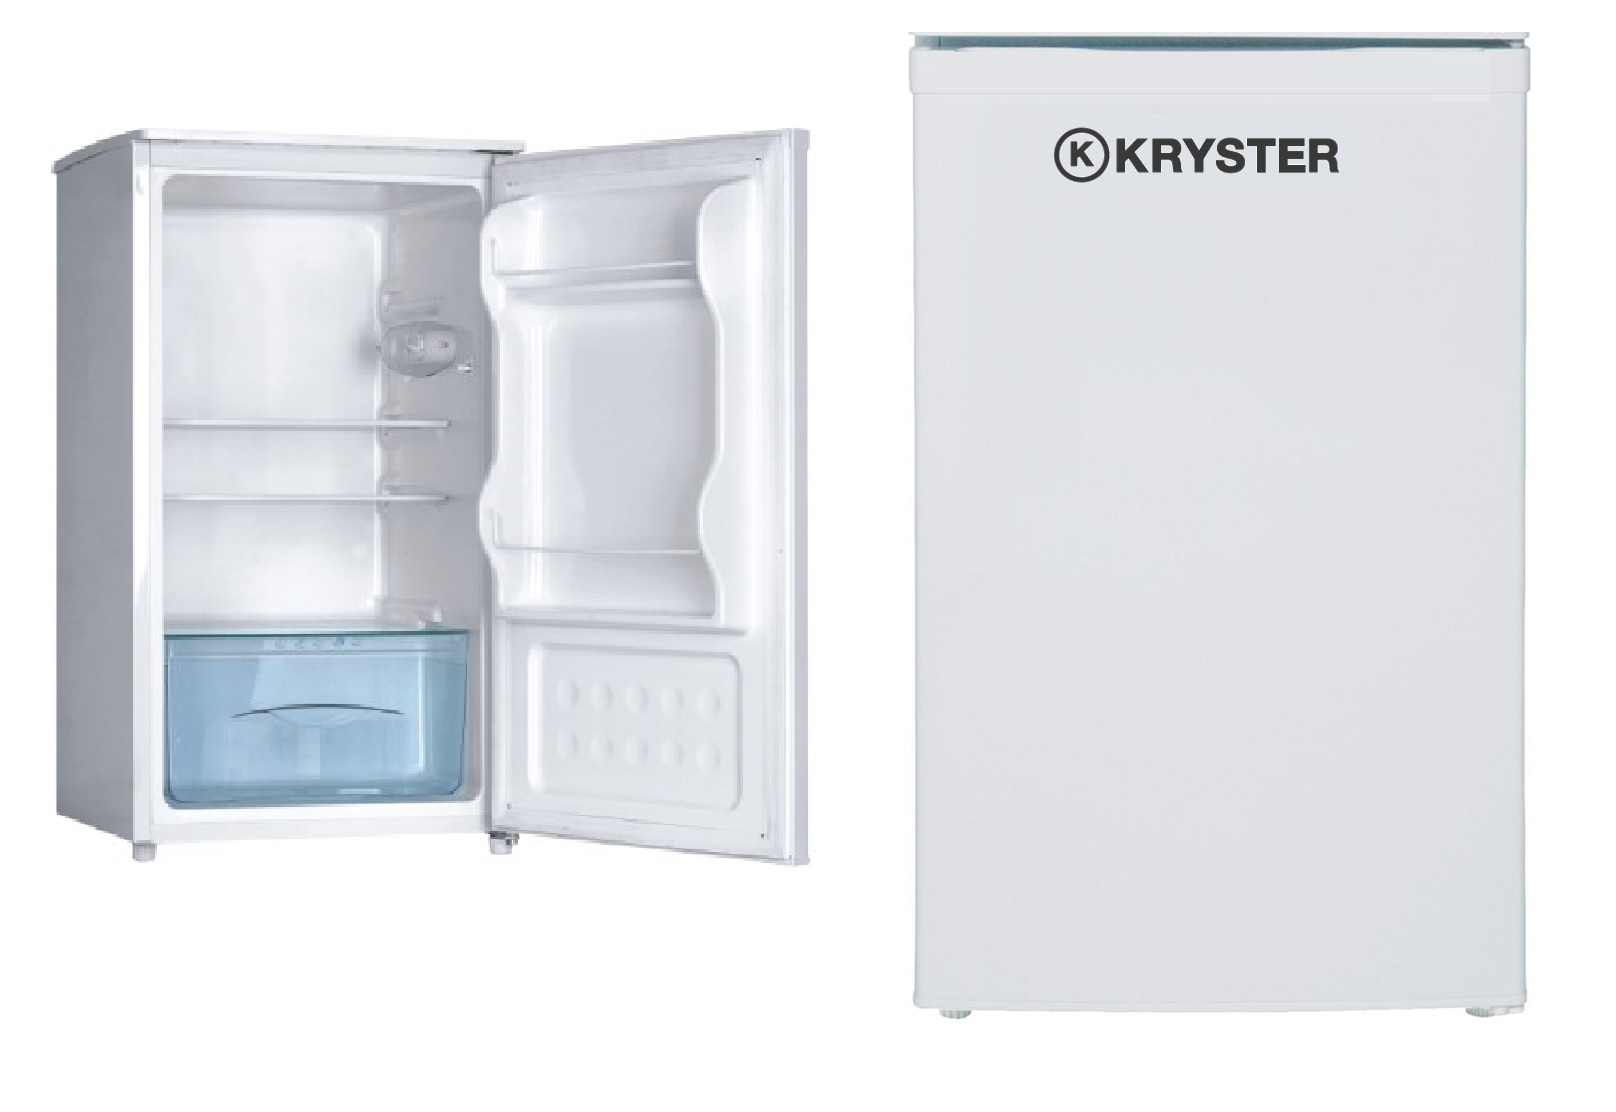 KRYSTER REF KR104APWL